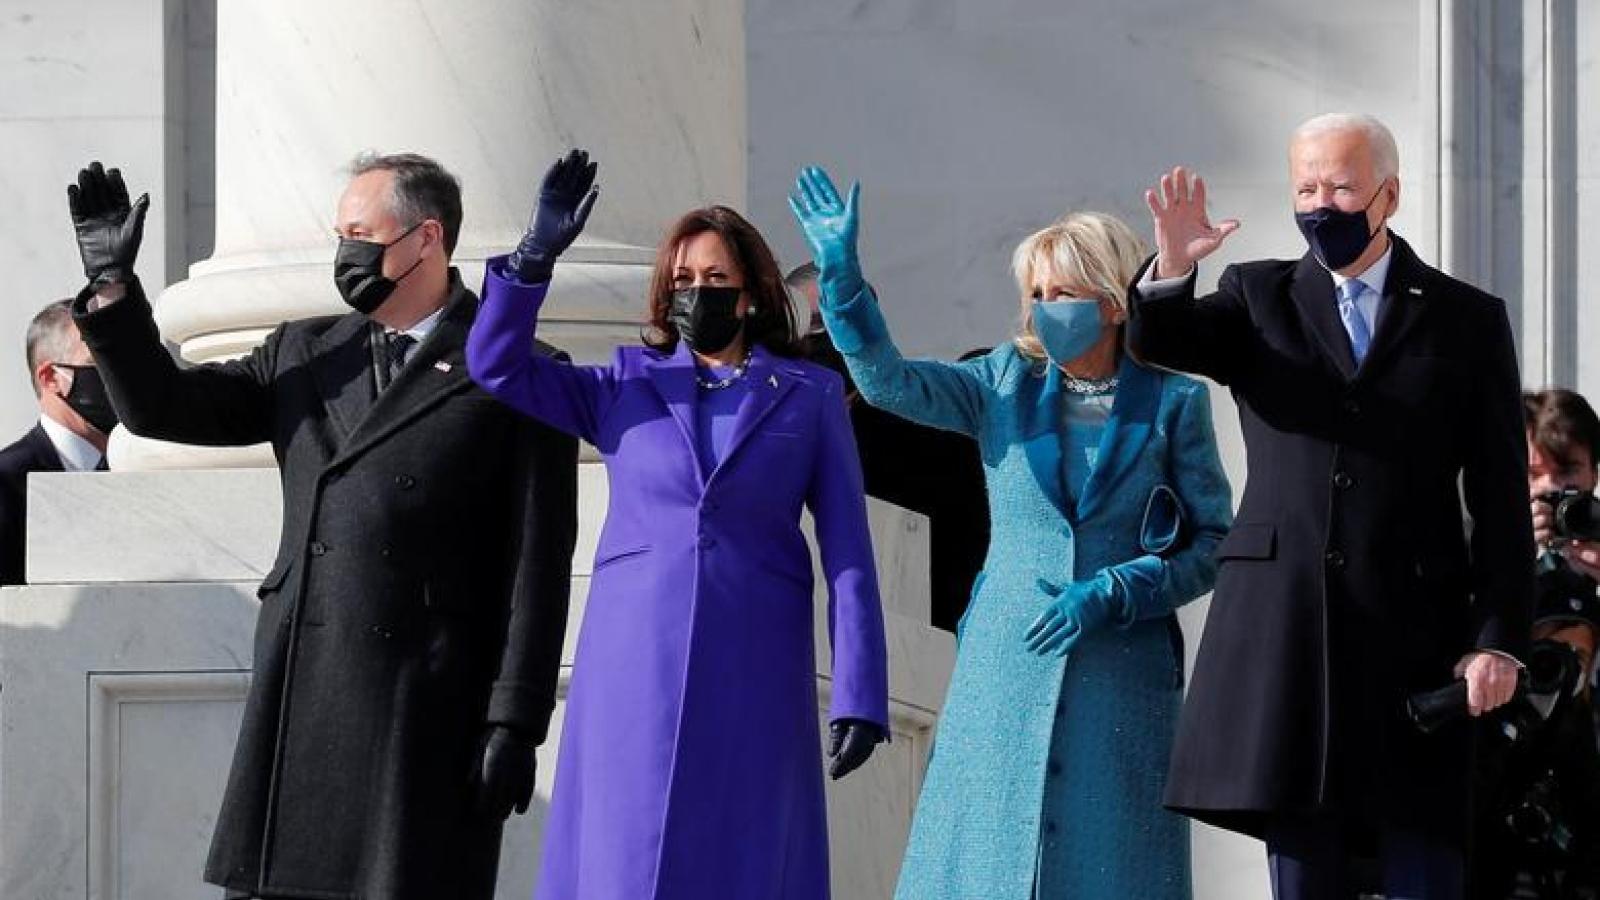 """Thế giới kỳ vọng vào chương mới của """"hợp tác đa phương"""" dưới thời tân Tổng thống Biden"""